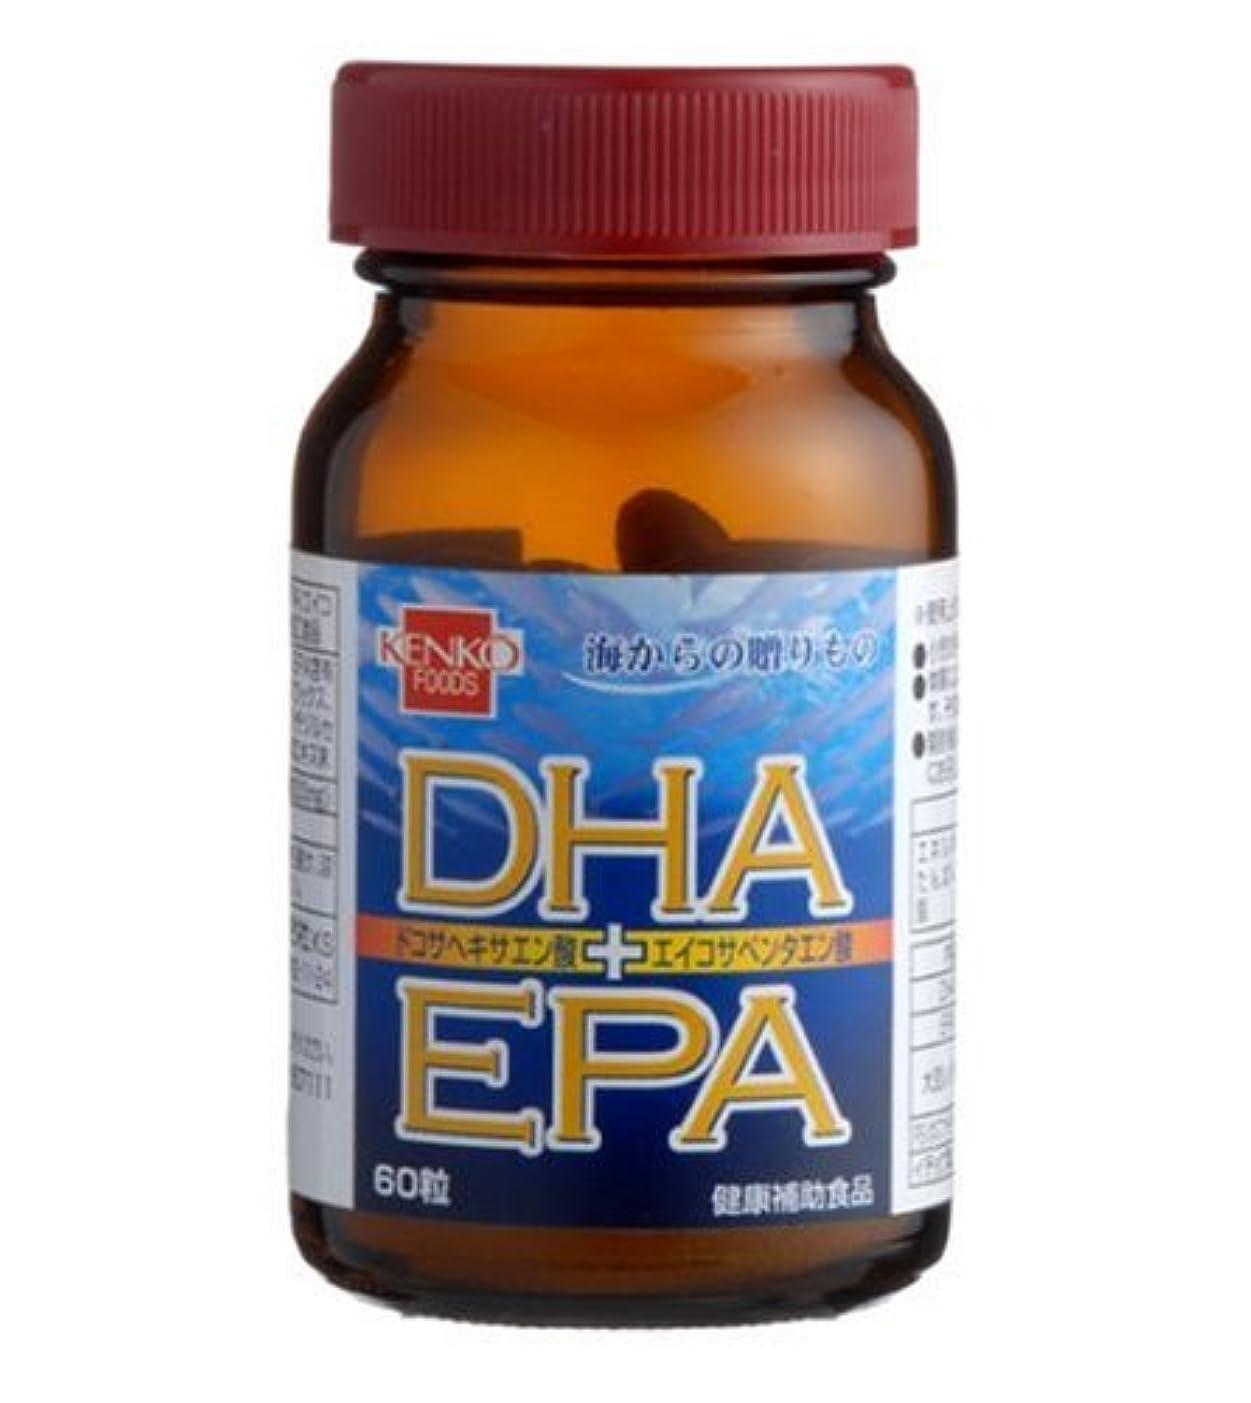 ターミナル一貫した未来健康フーズ DHA+EPA 60粒